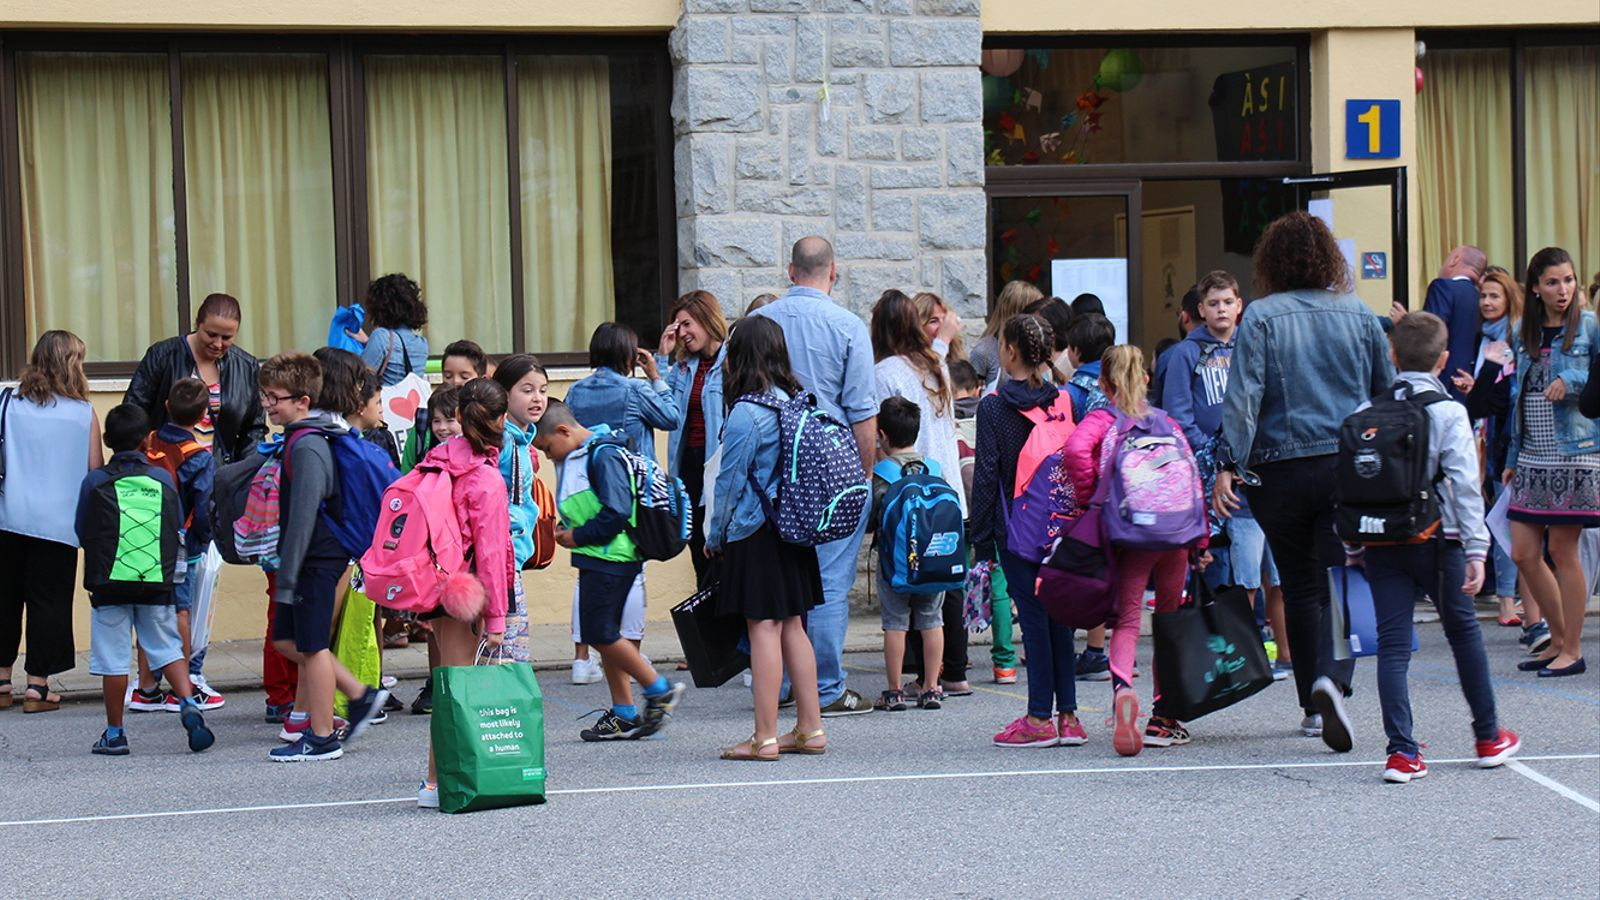 Alumnes a l'exterior de l'escola andorrana de Sant Julià de Lòria. / M. F. (ANA)